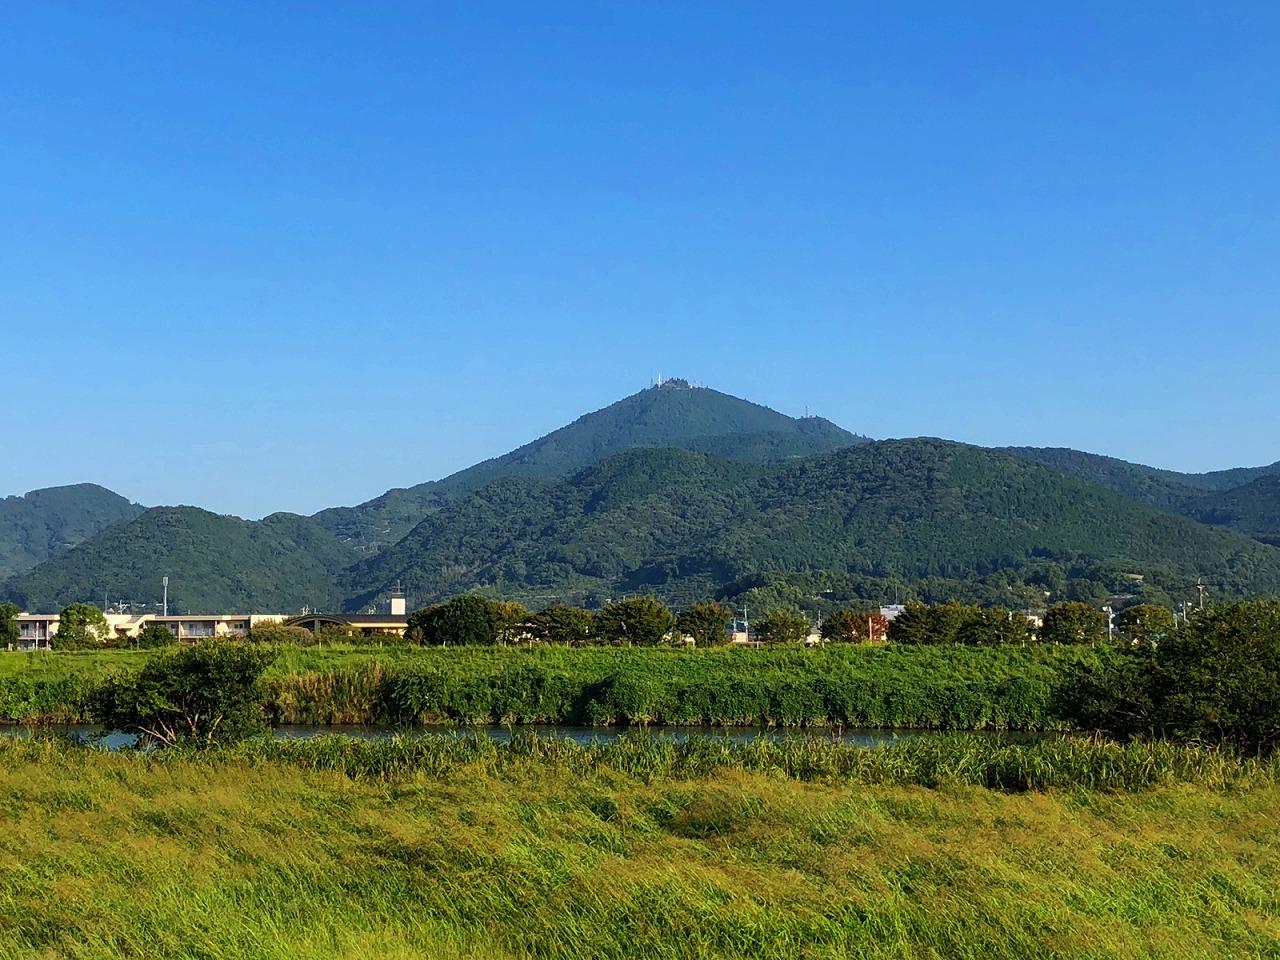 2018.9.25今朝の金峰山です。